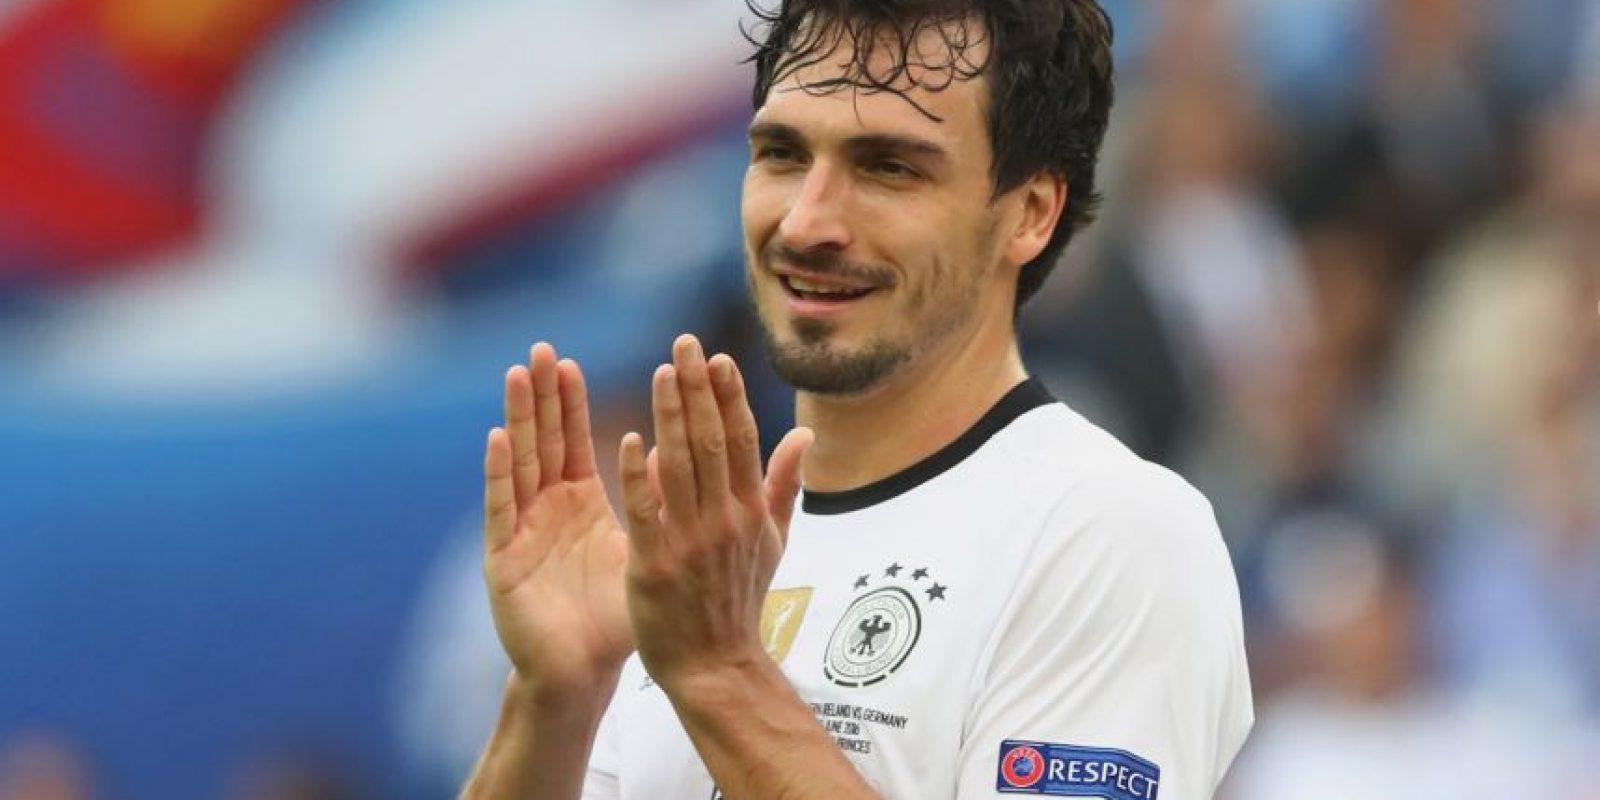 Alemania cumplió su labor y clasificó primero, pero no todos los favoritos pudieron hacer lo mismo Foto:Getty Images